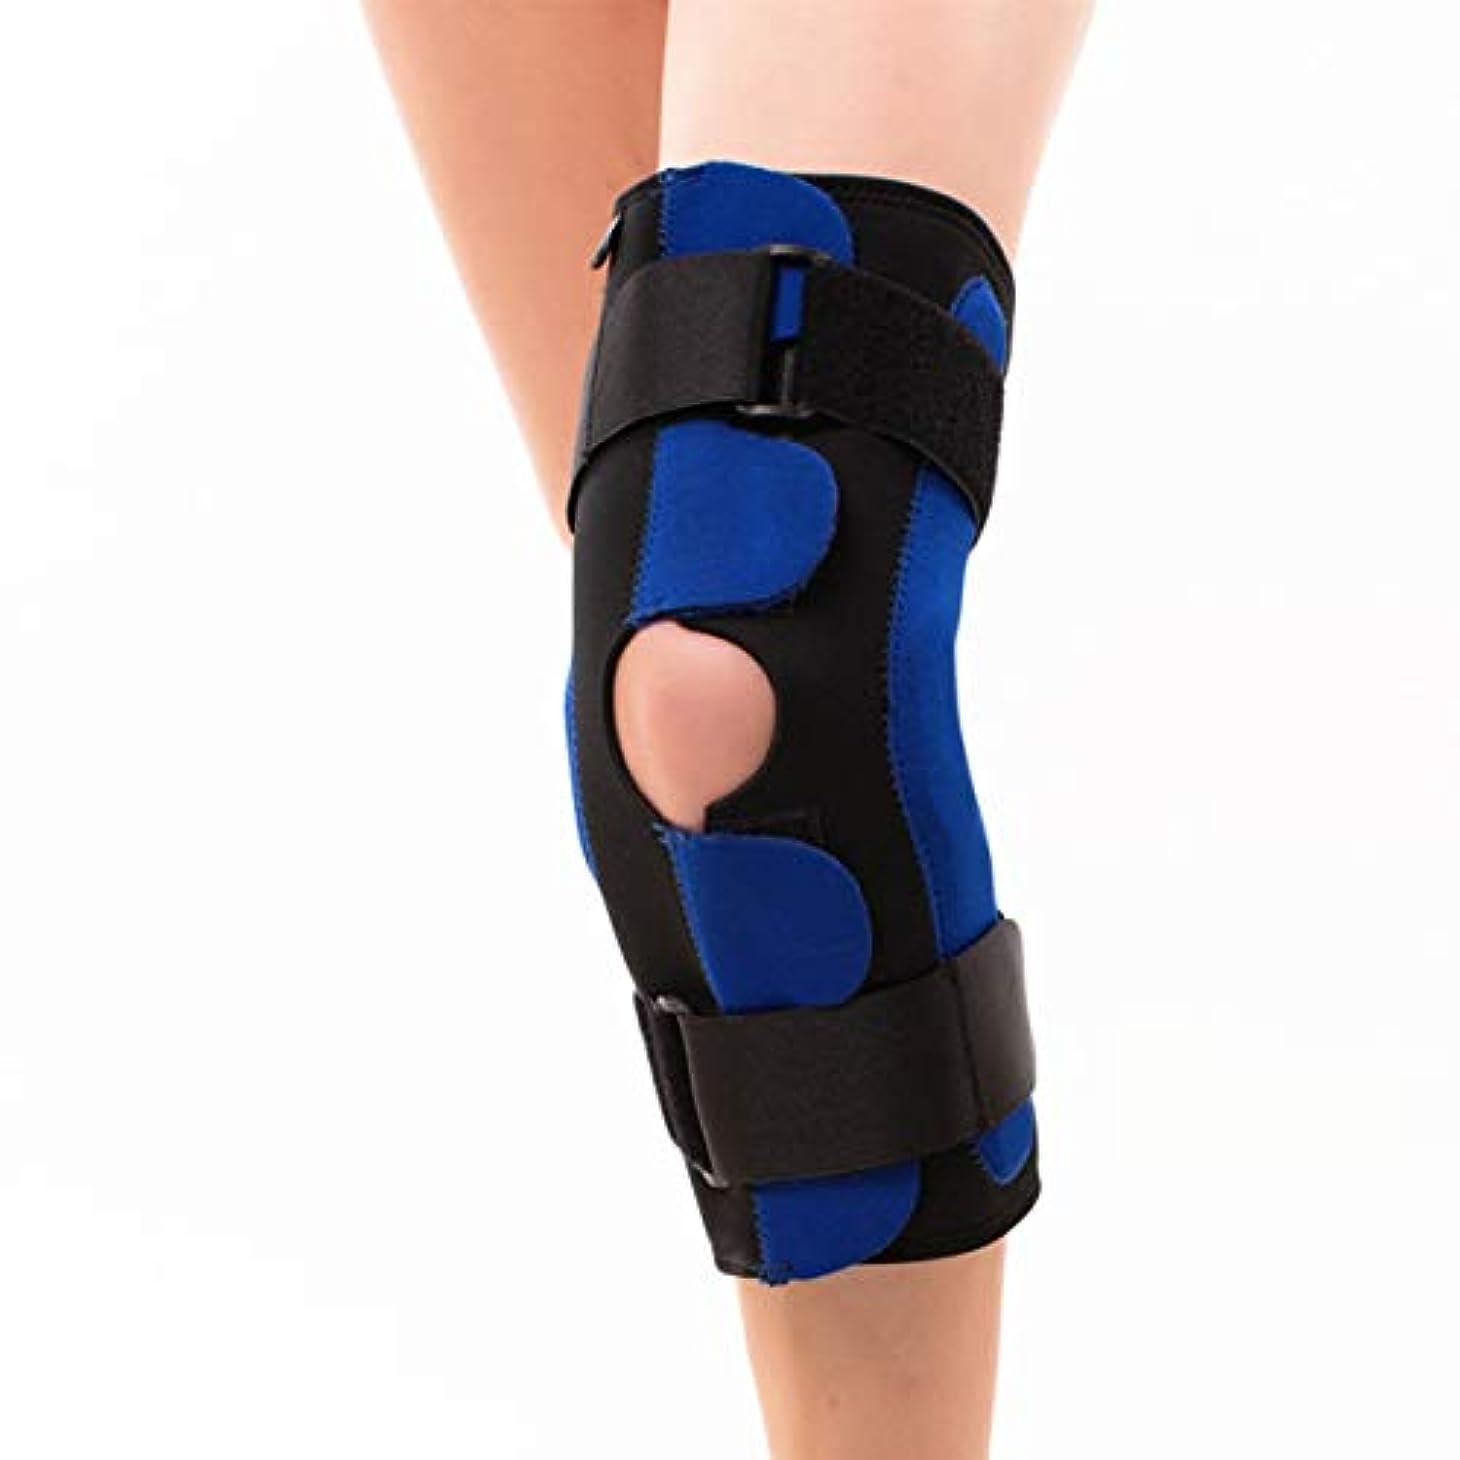 汚染する半導体考える屋外スポーツ膝パッド膝鋼サポートバークライミングスポーツ安全膝ブレースフィットネス保護パーツ-ブラックL